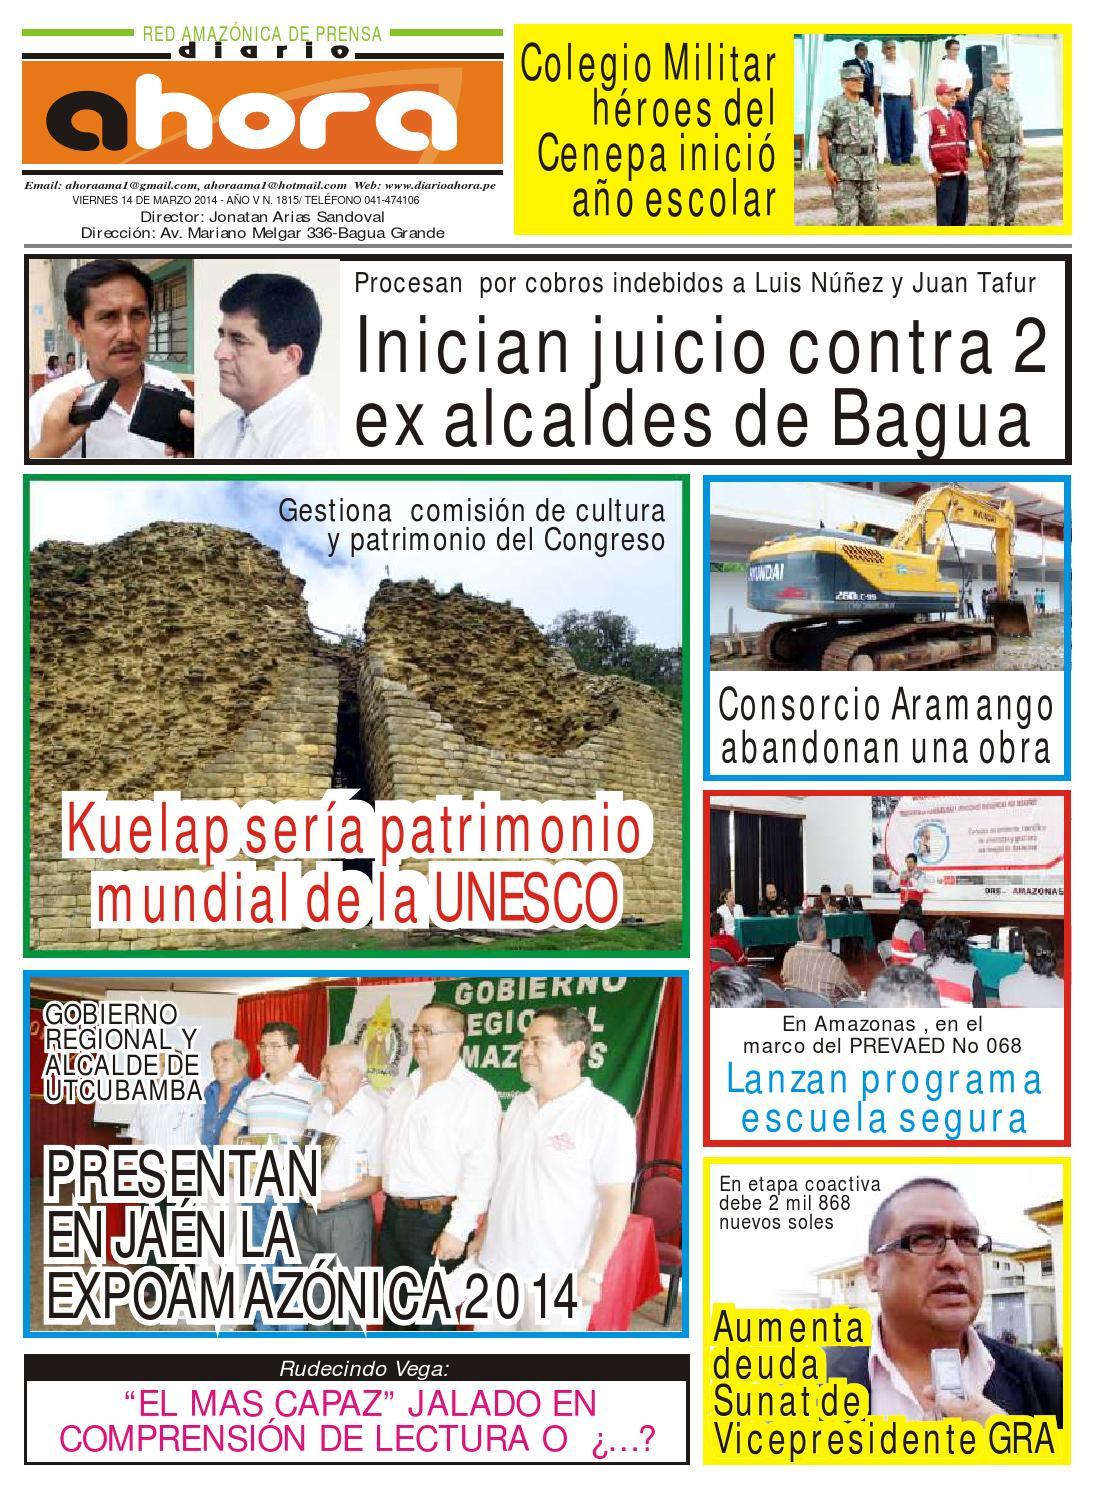 14 03 14 diario ahora amazonas by Jonatan Arias - issuu